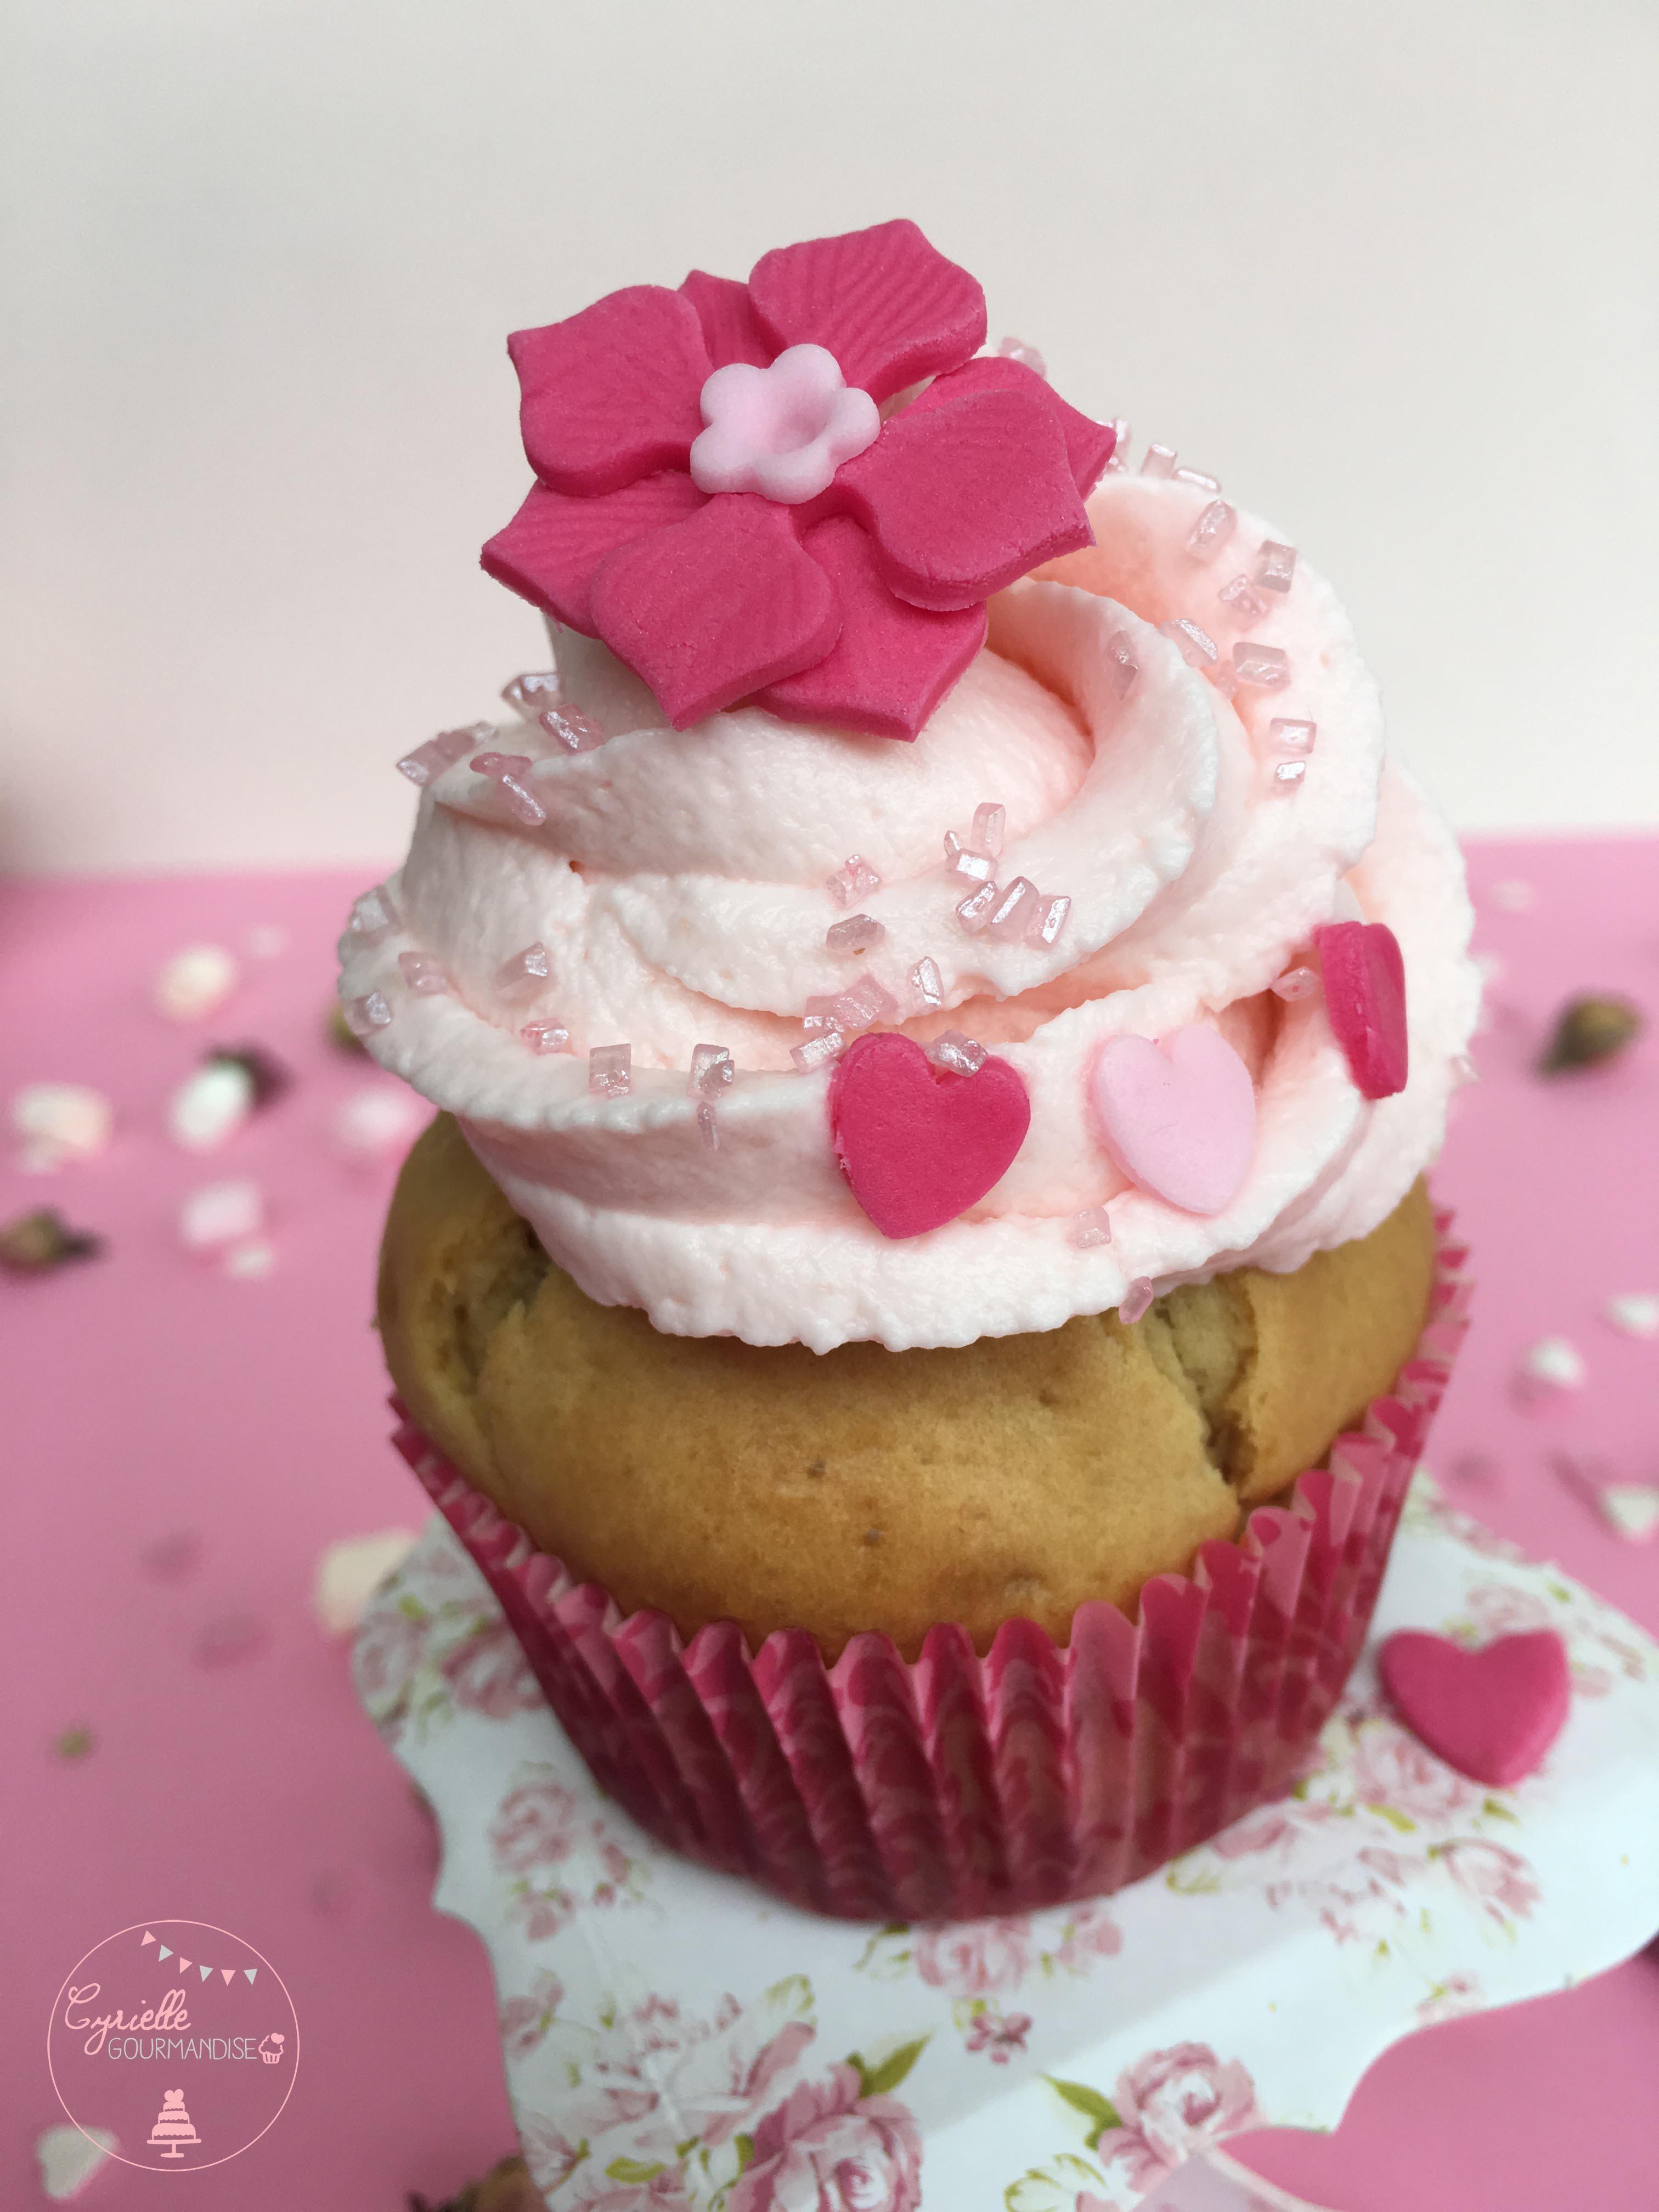 Cupcake rhubarbe rose 2